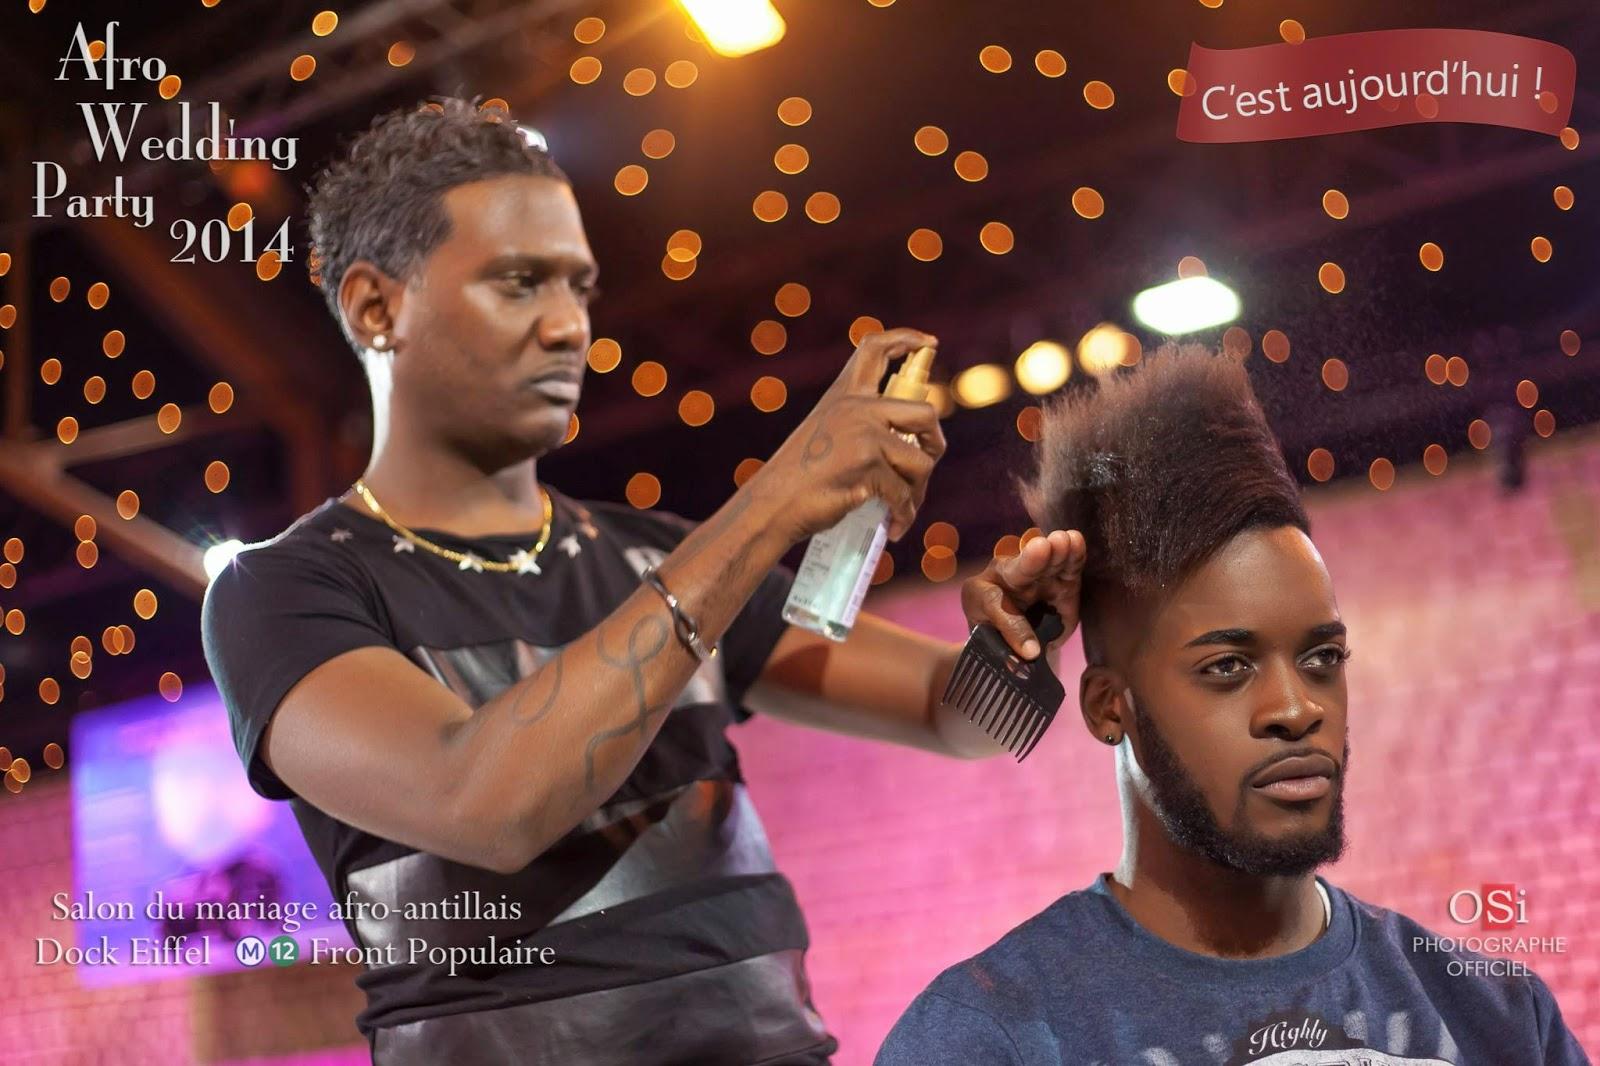 Activilong le blog activilong partenaire de l 39 afro wedding party 2014 le salon r f rence du - Salon du mariage maubeuge ...